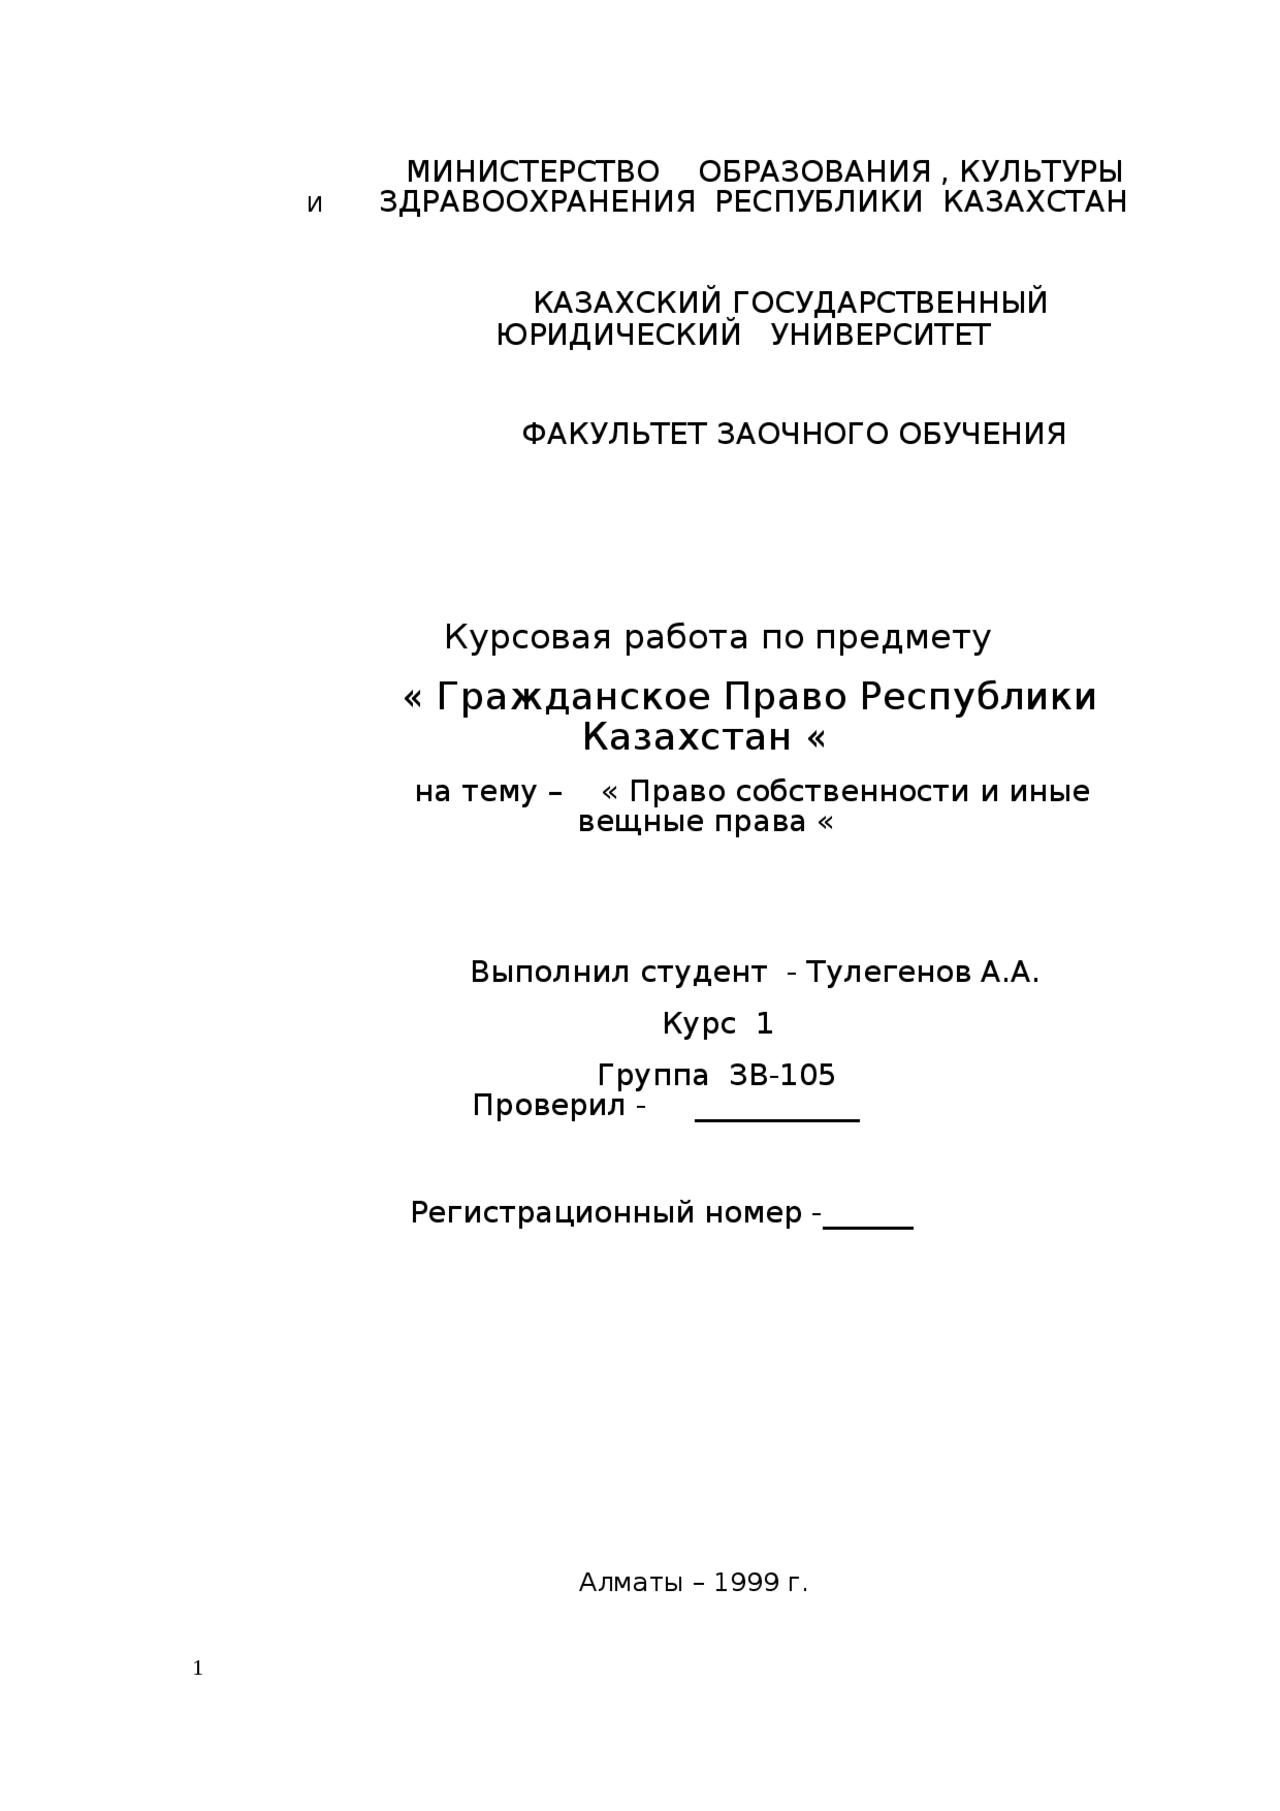 Формы собственности на землю: государственная, муниципальная, частная